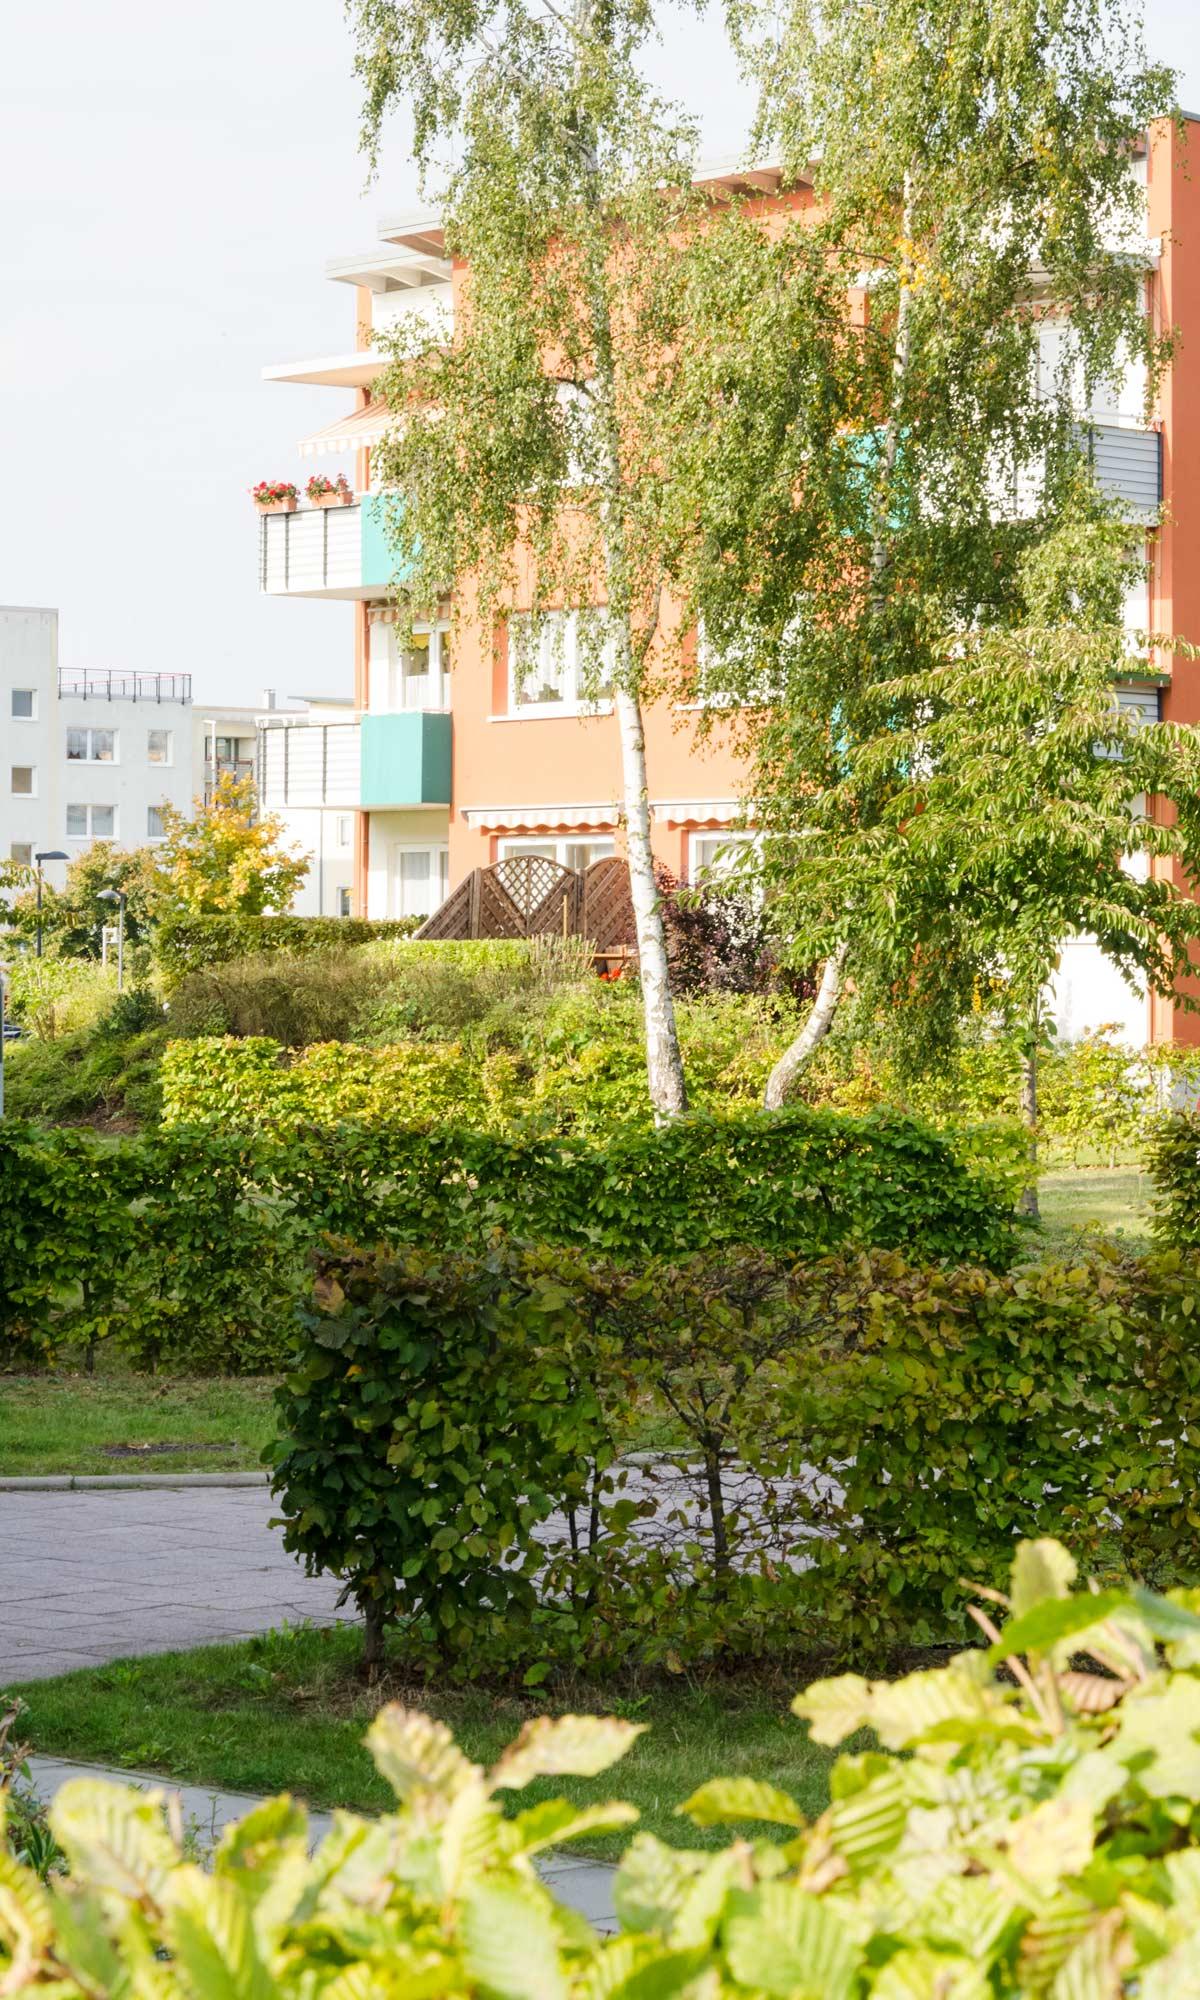 WGS - Wohnungsgesellschaft Schwerin mbH